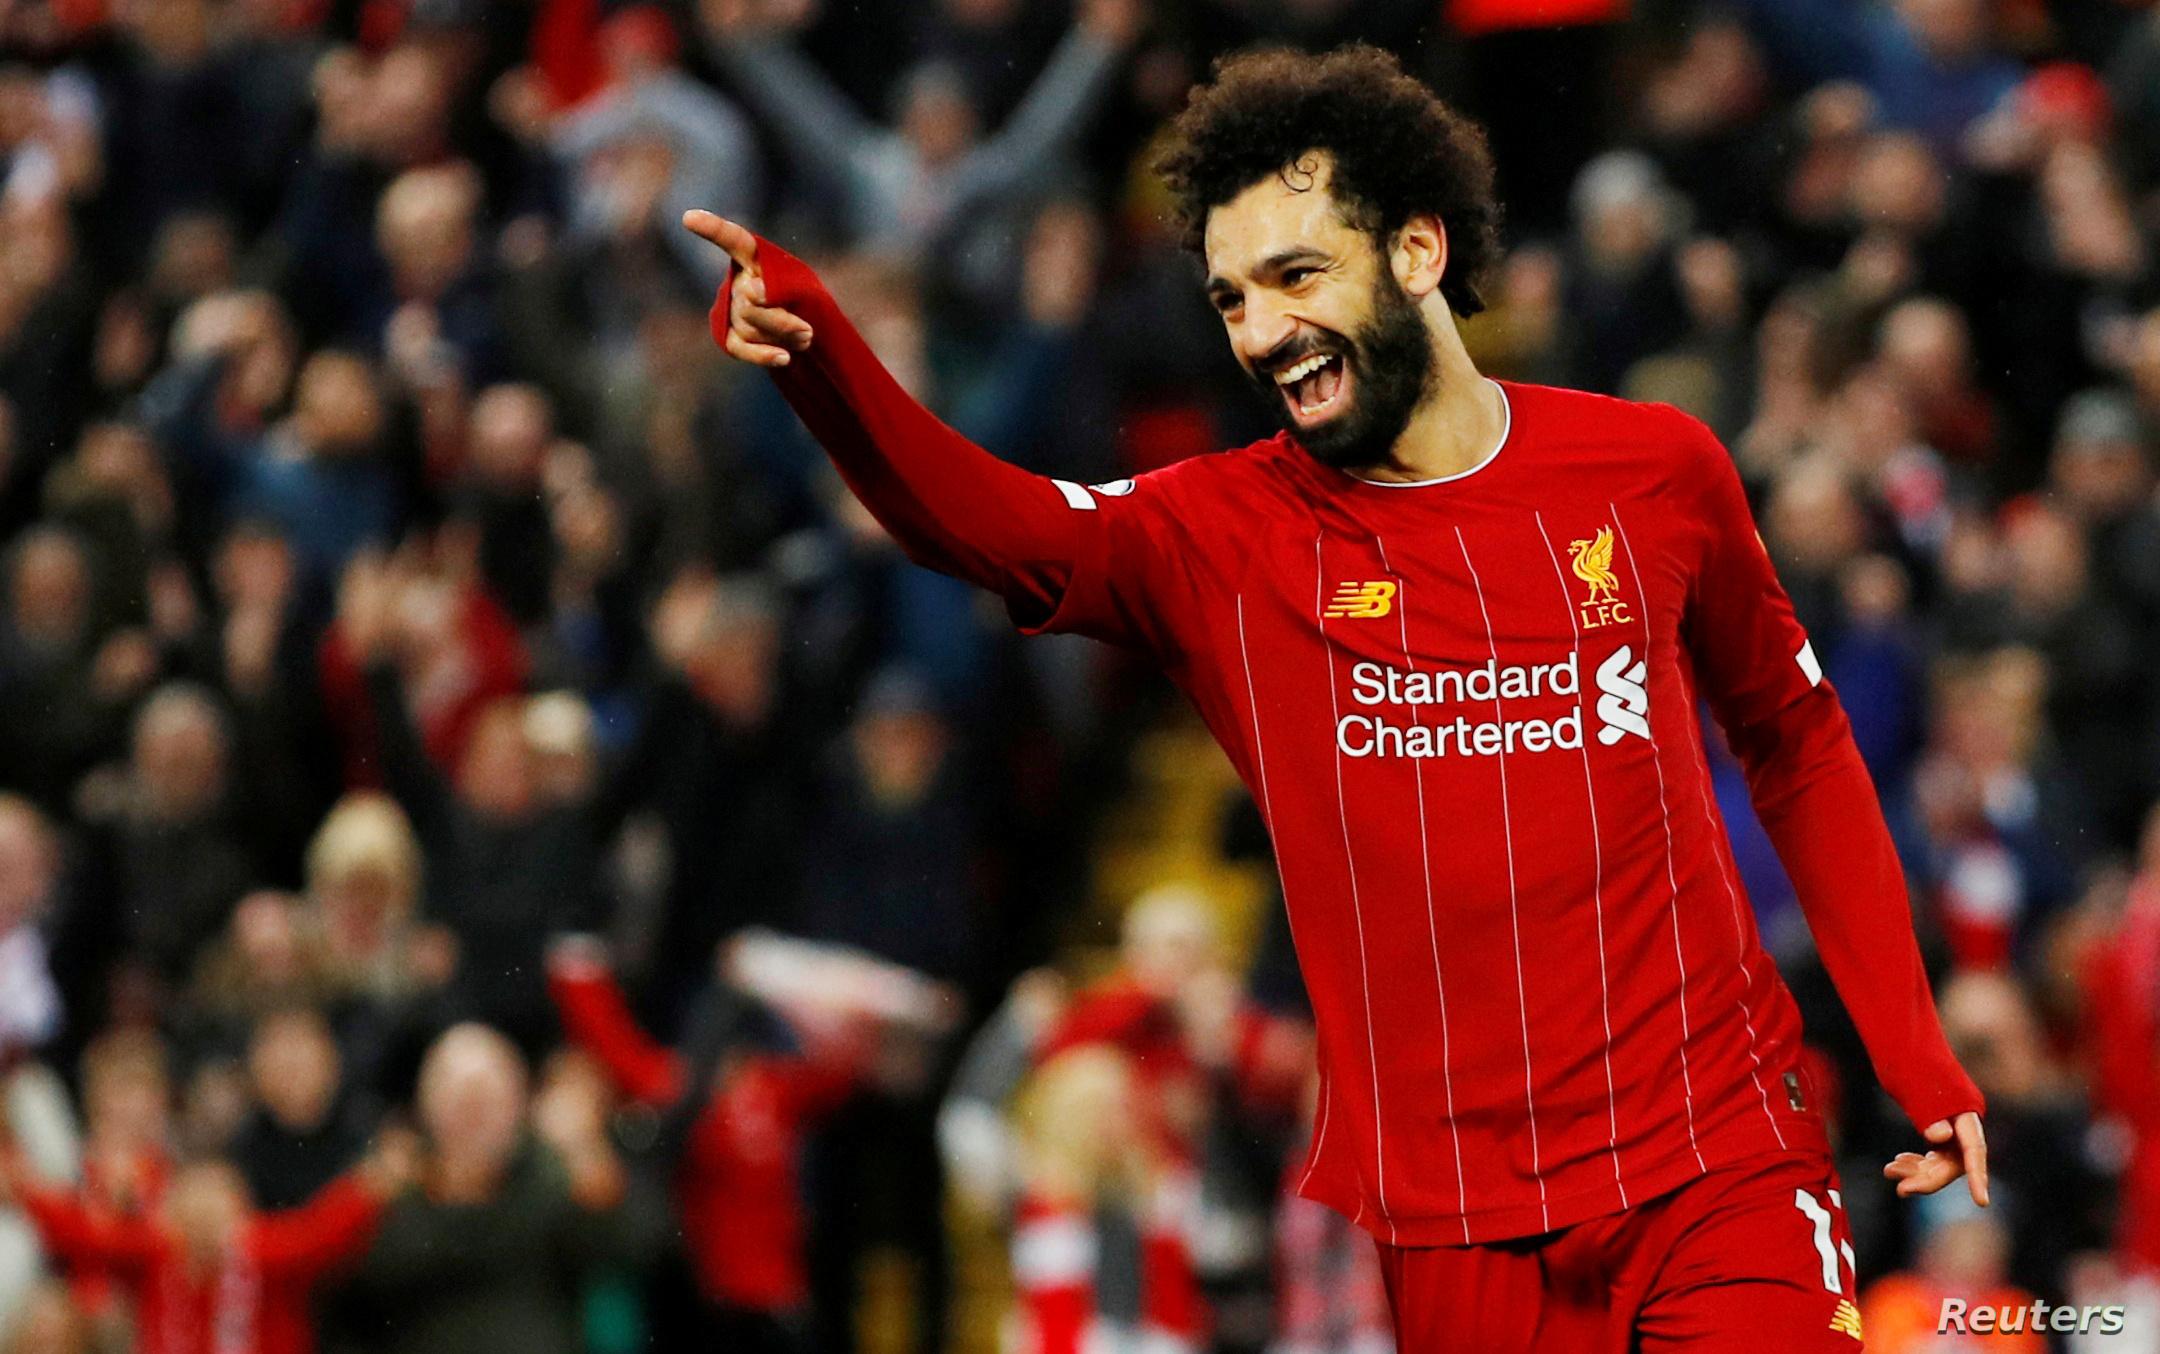 محمد صلاح يسجل الهدف الثاني لـ ليفربول أمام كريستال بالاس بالدوري الإنجليزي الممتاز